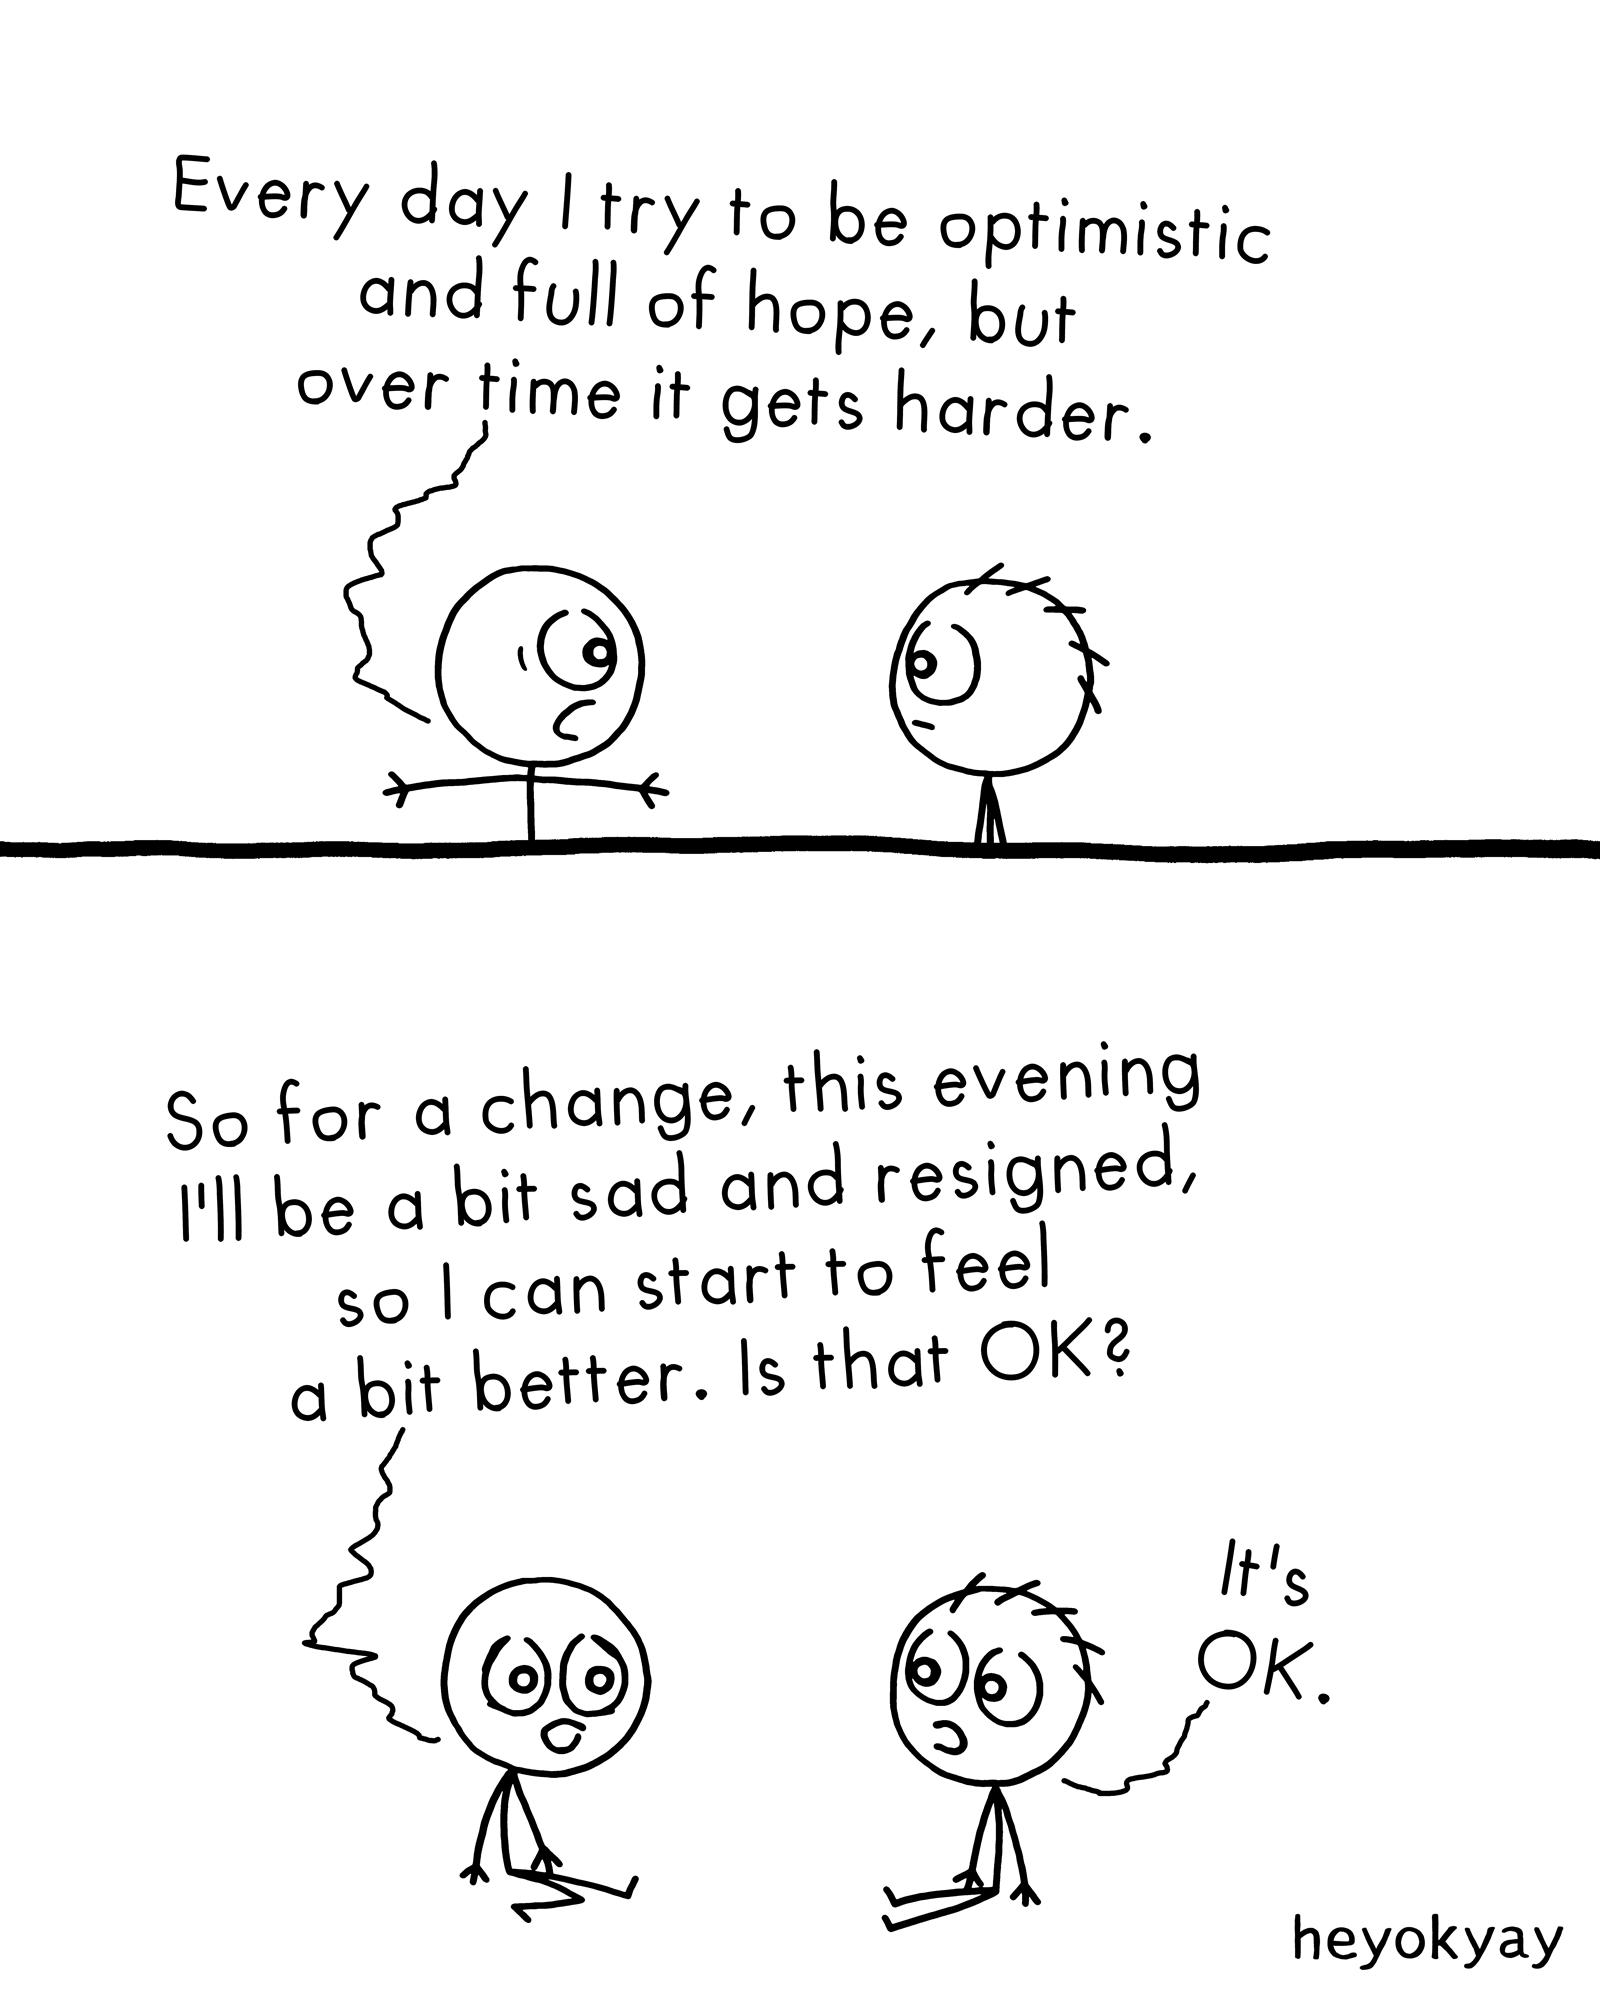 OK heyokyay comic